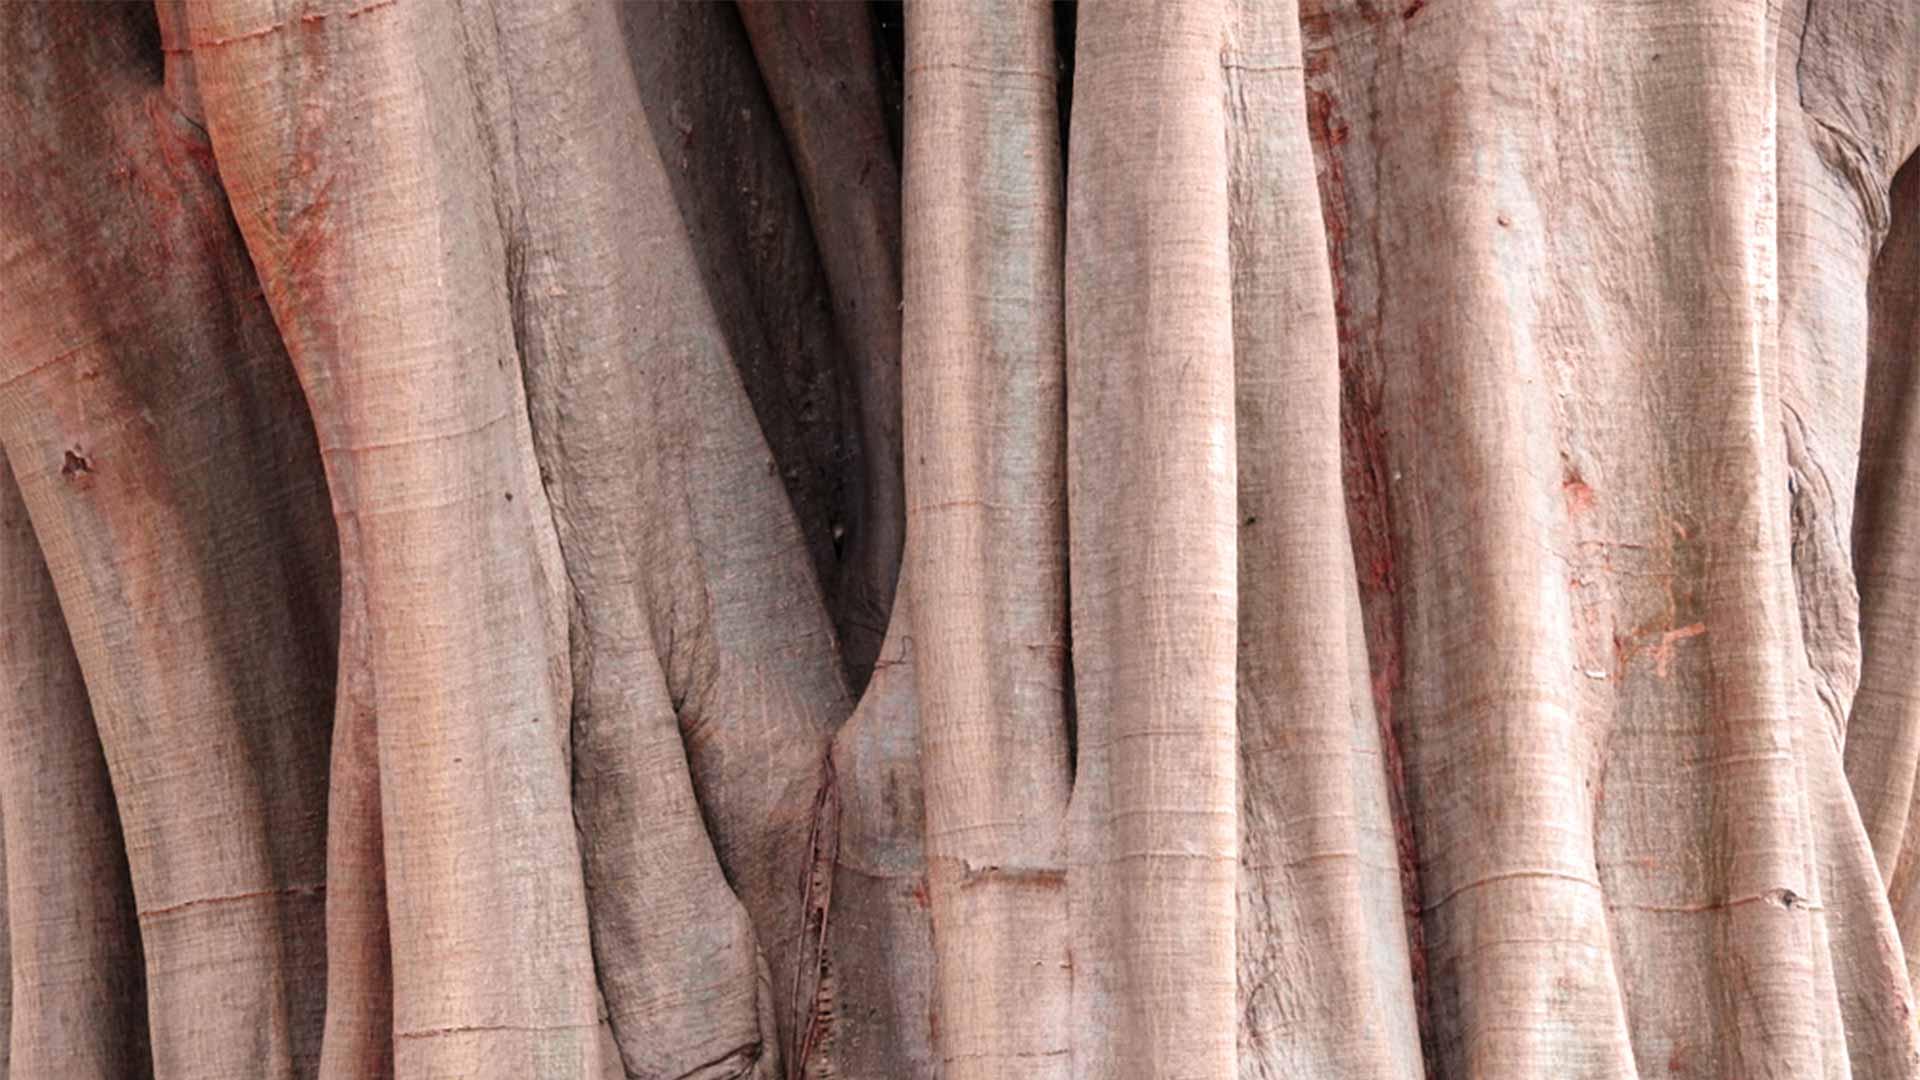 Arjuna drvo stablo kora